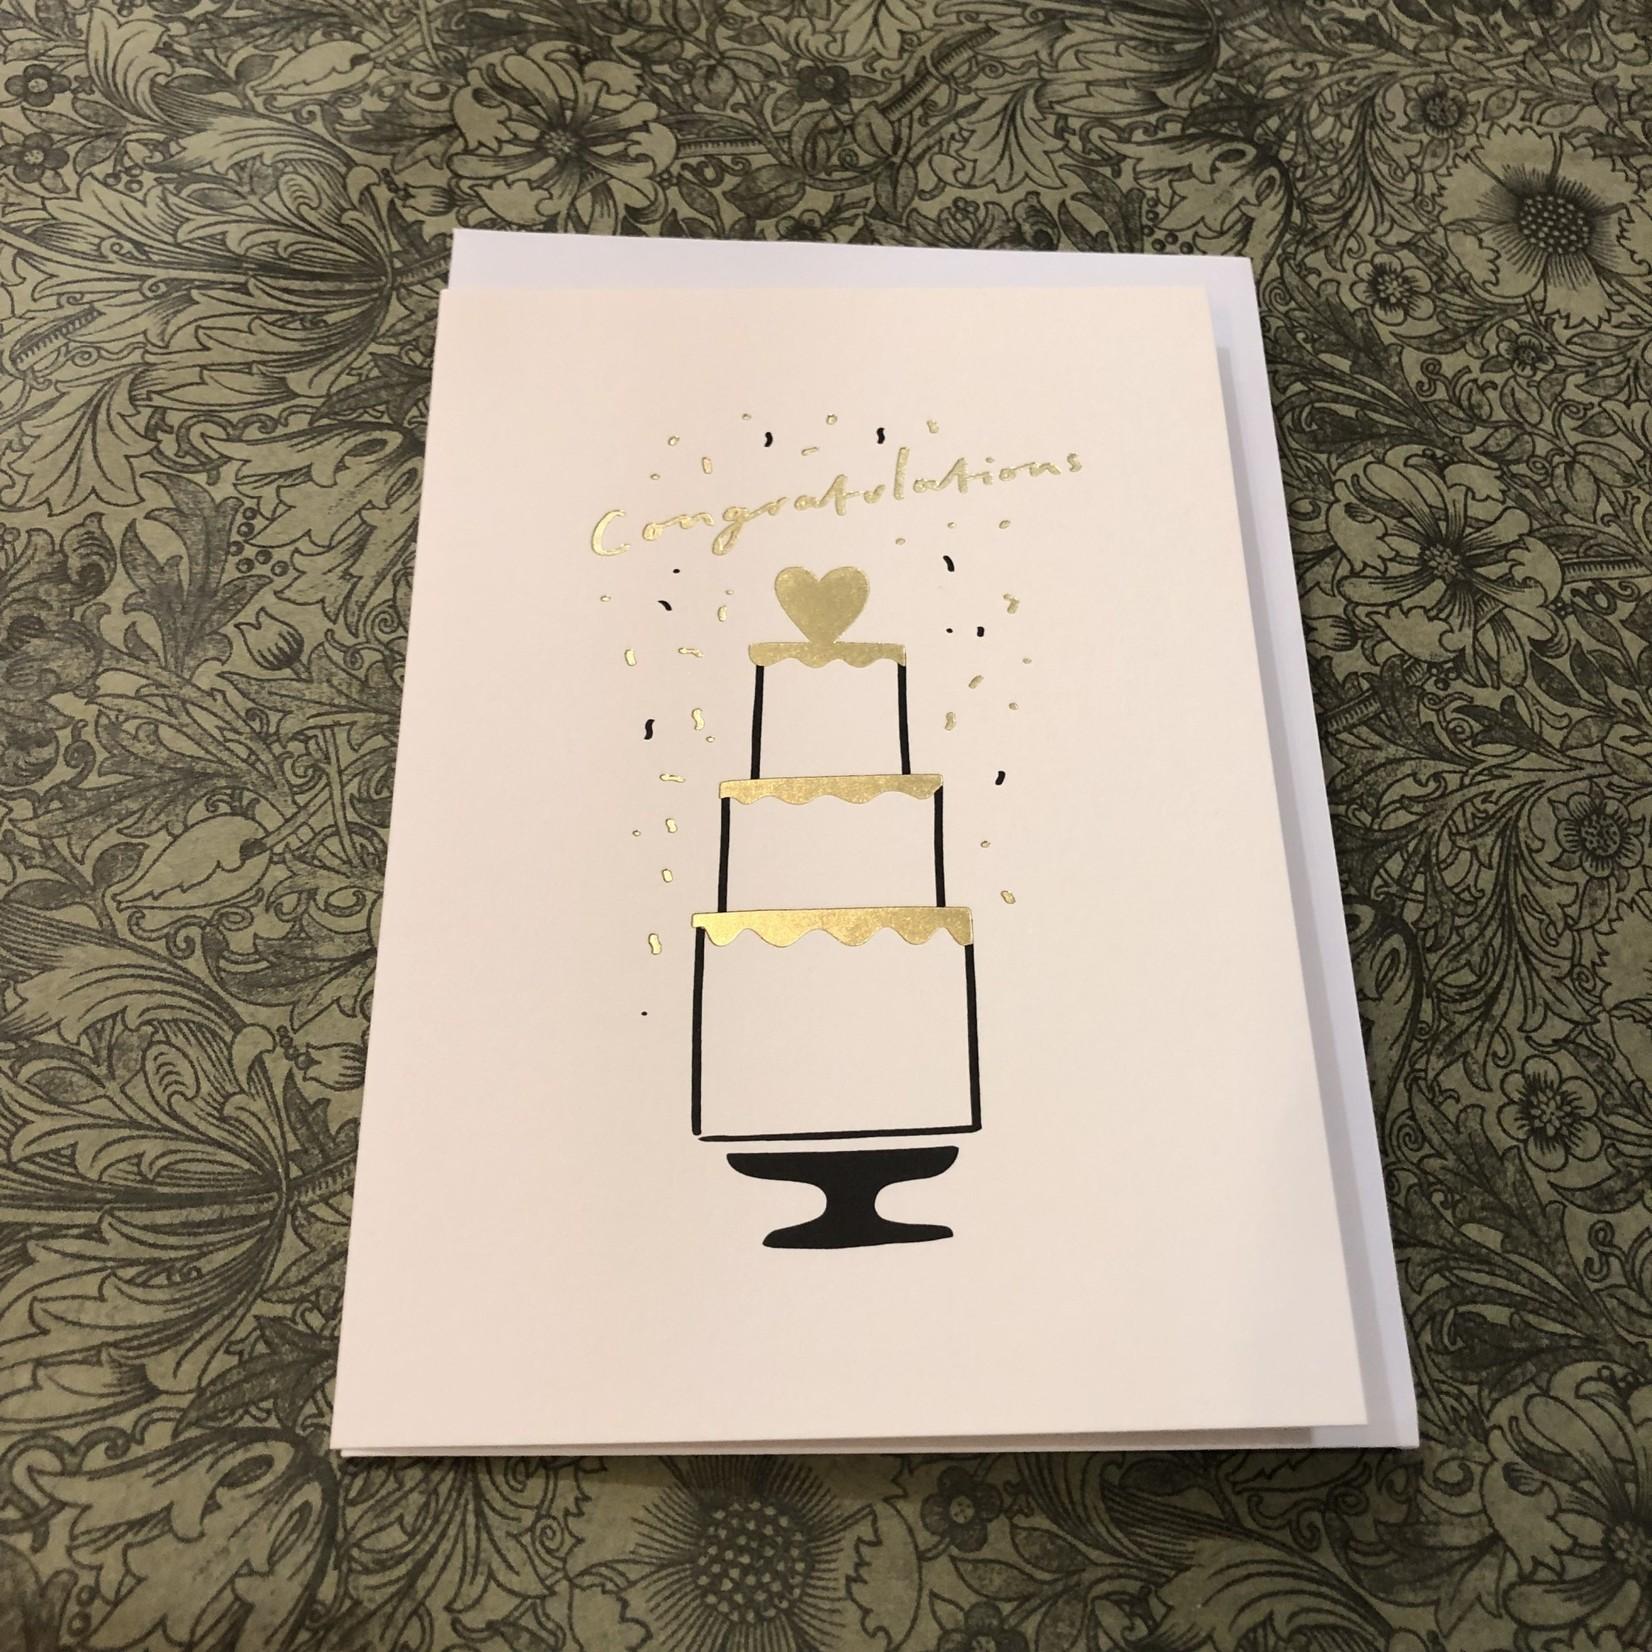 OLD ENGLISH CO. Congrats Wedding Cake Card